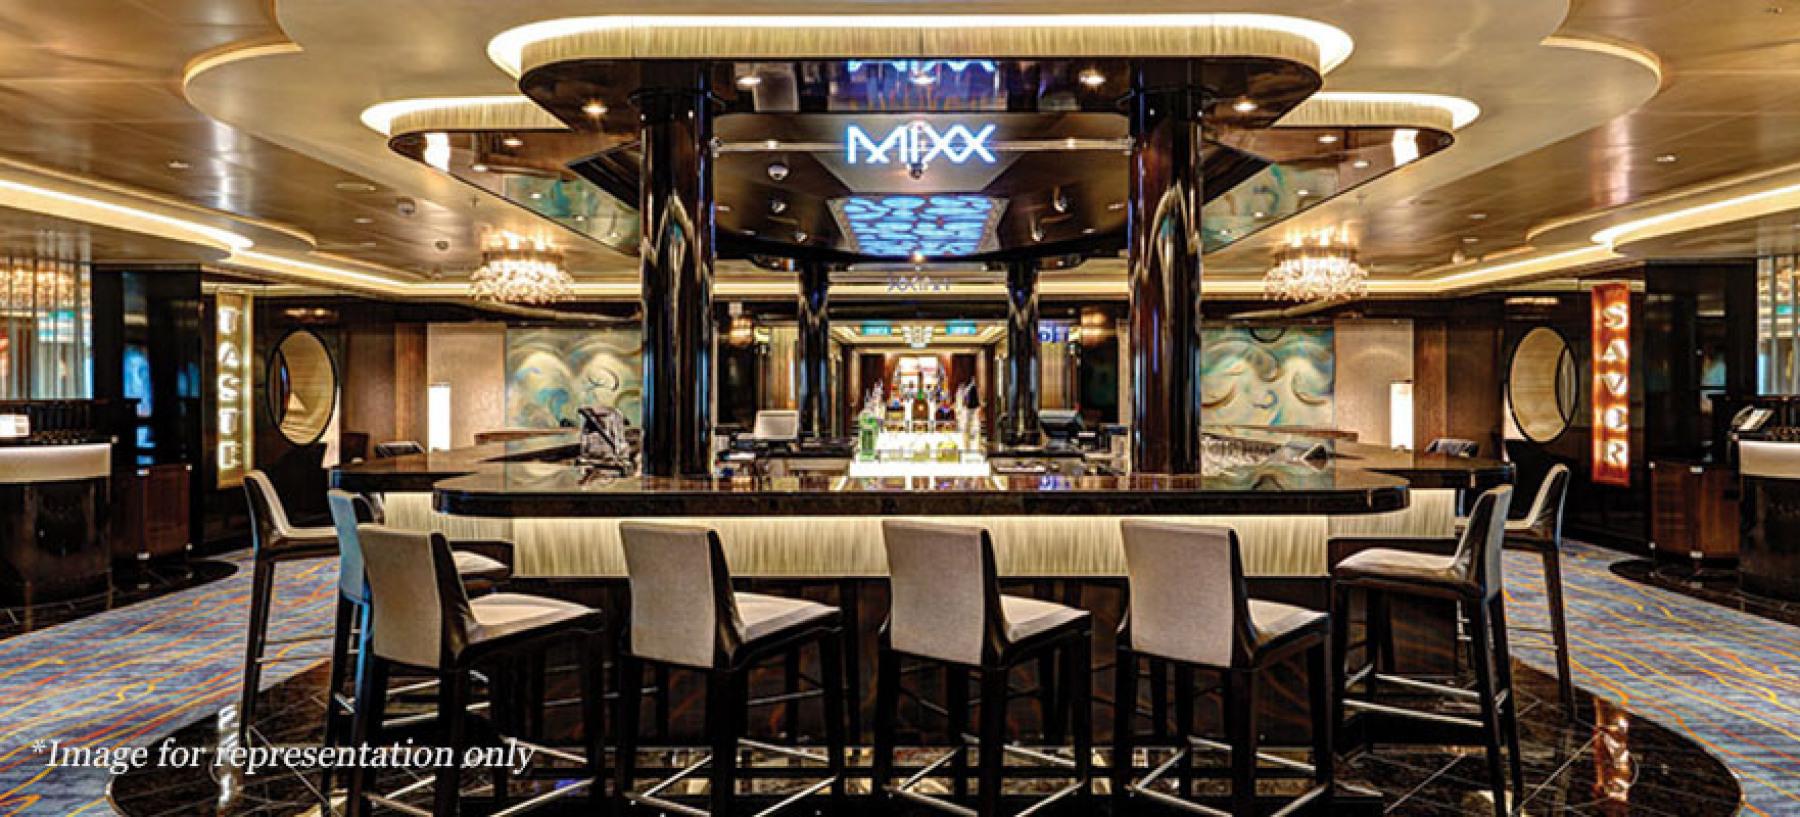 Norwegian Cruise Lines Norwegian Joy Interior Mixx Bar.jpg